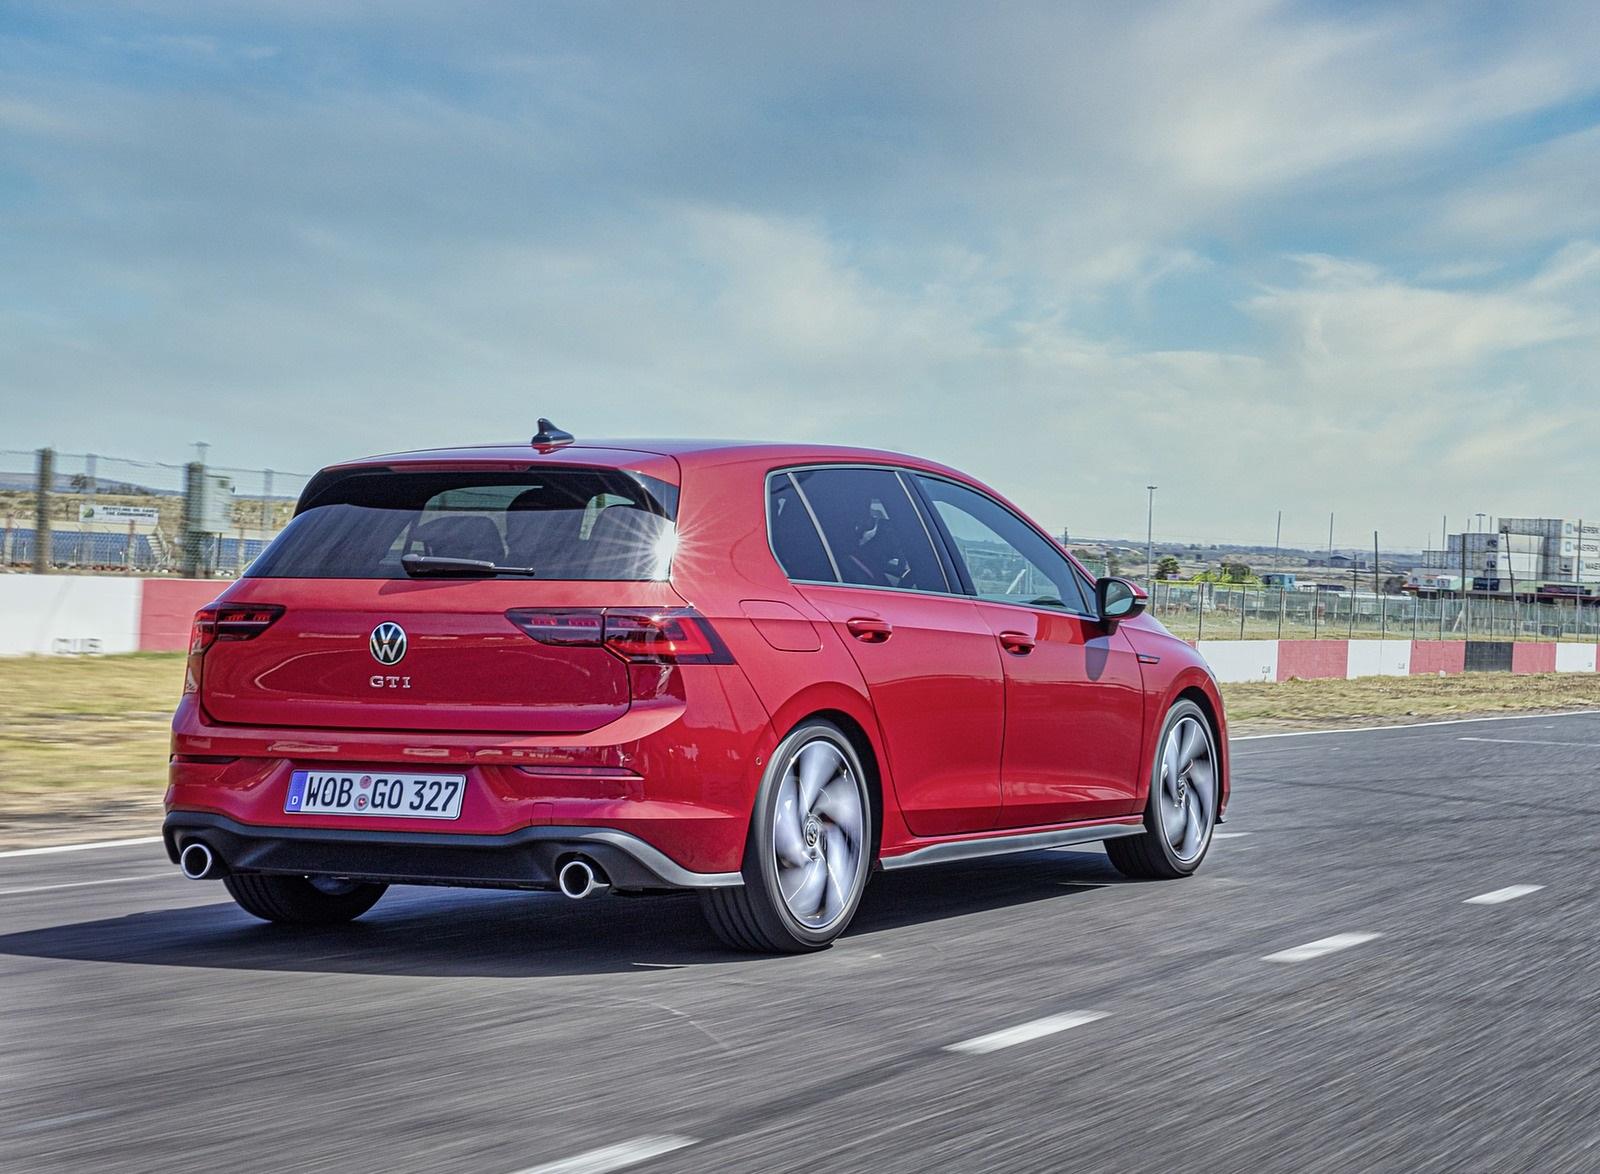 2021 Volkswagen Golf GTI Rear Three-Quarter Wallpapers (7)